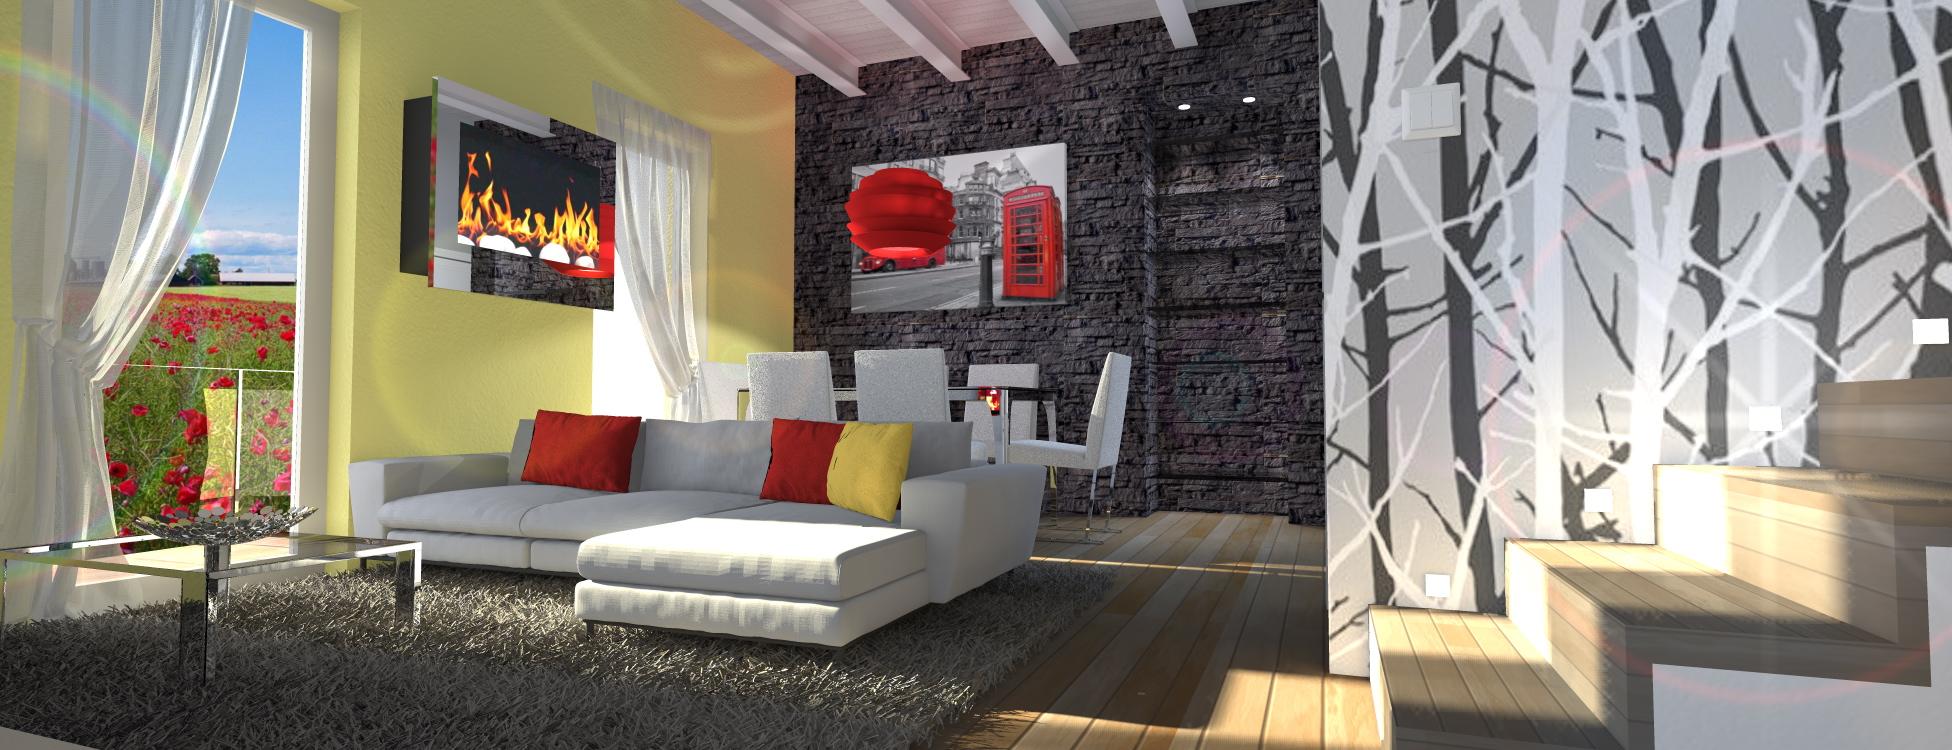 Ristrutturare casa online sei alla ricerca di idee - Ristrutturare casa idee ...